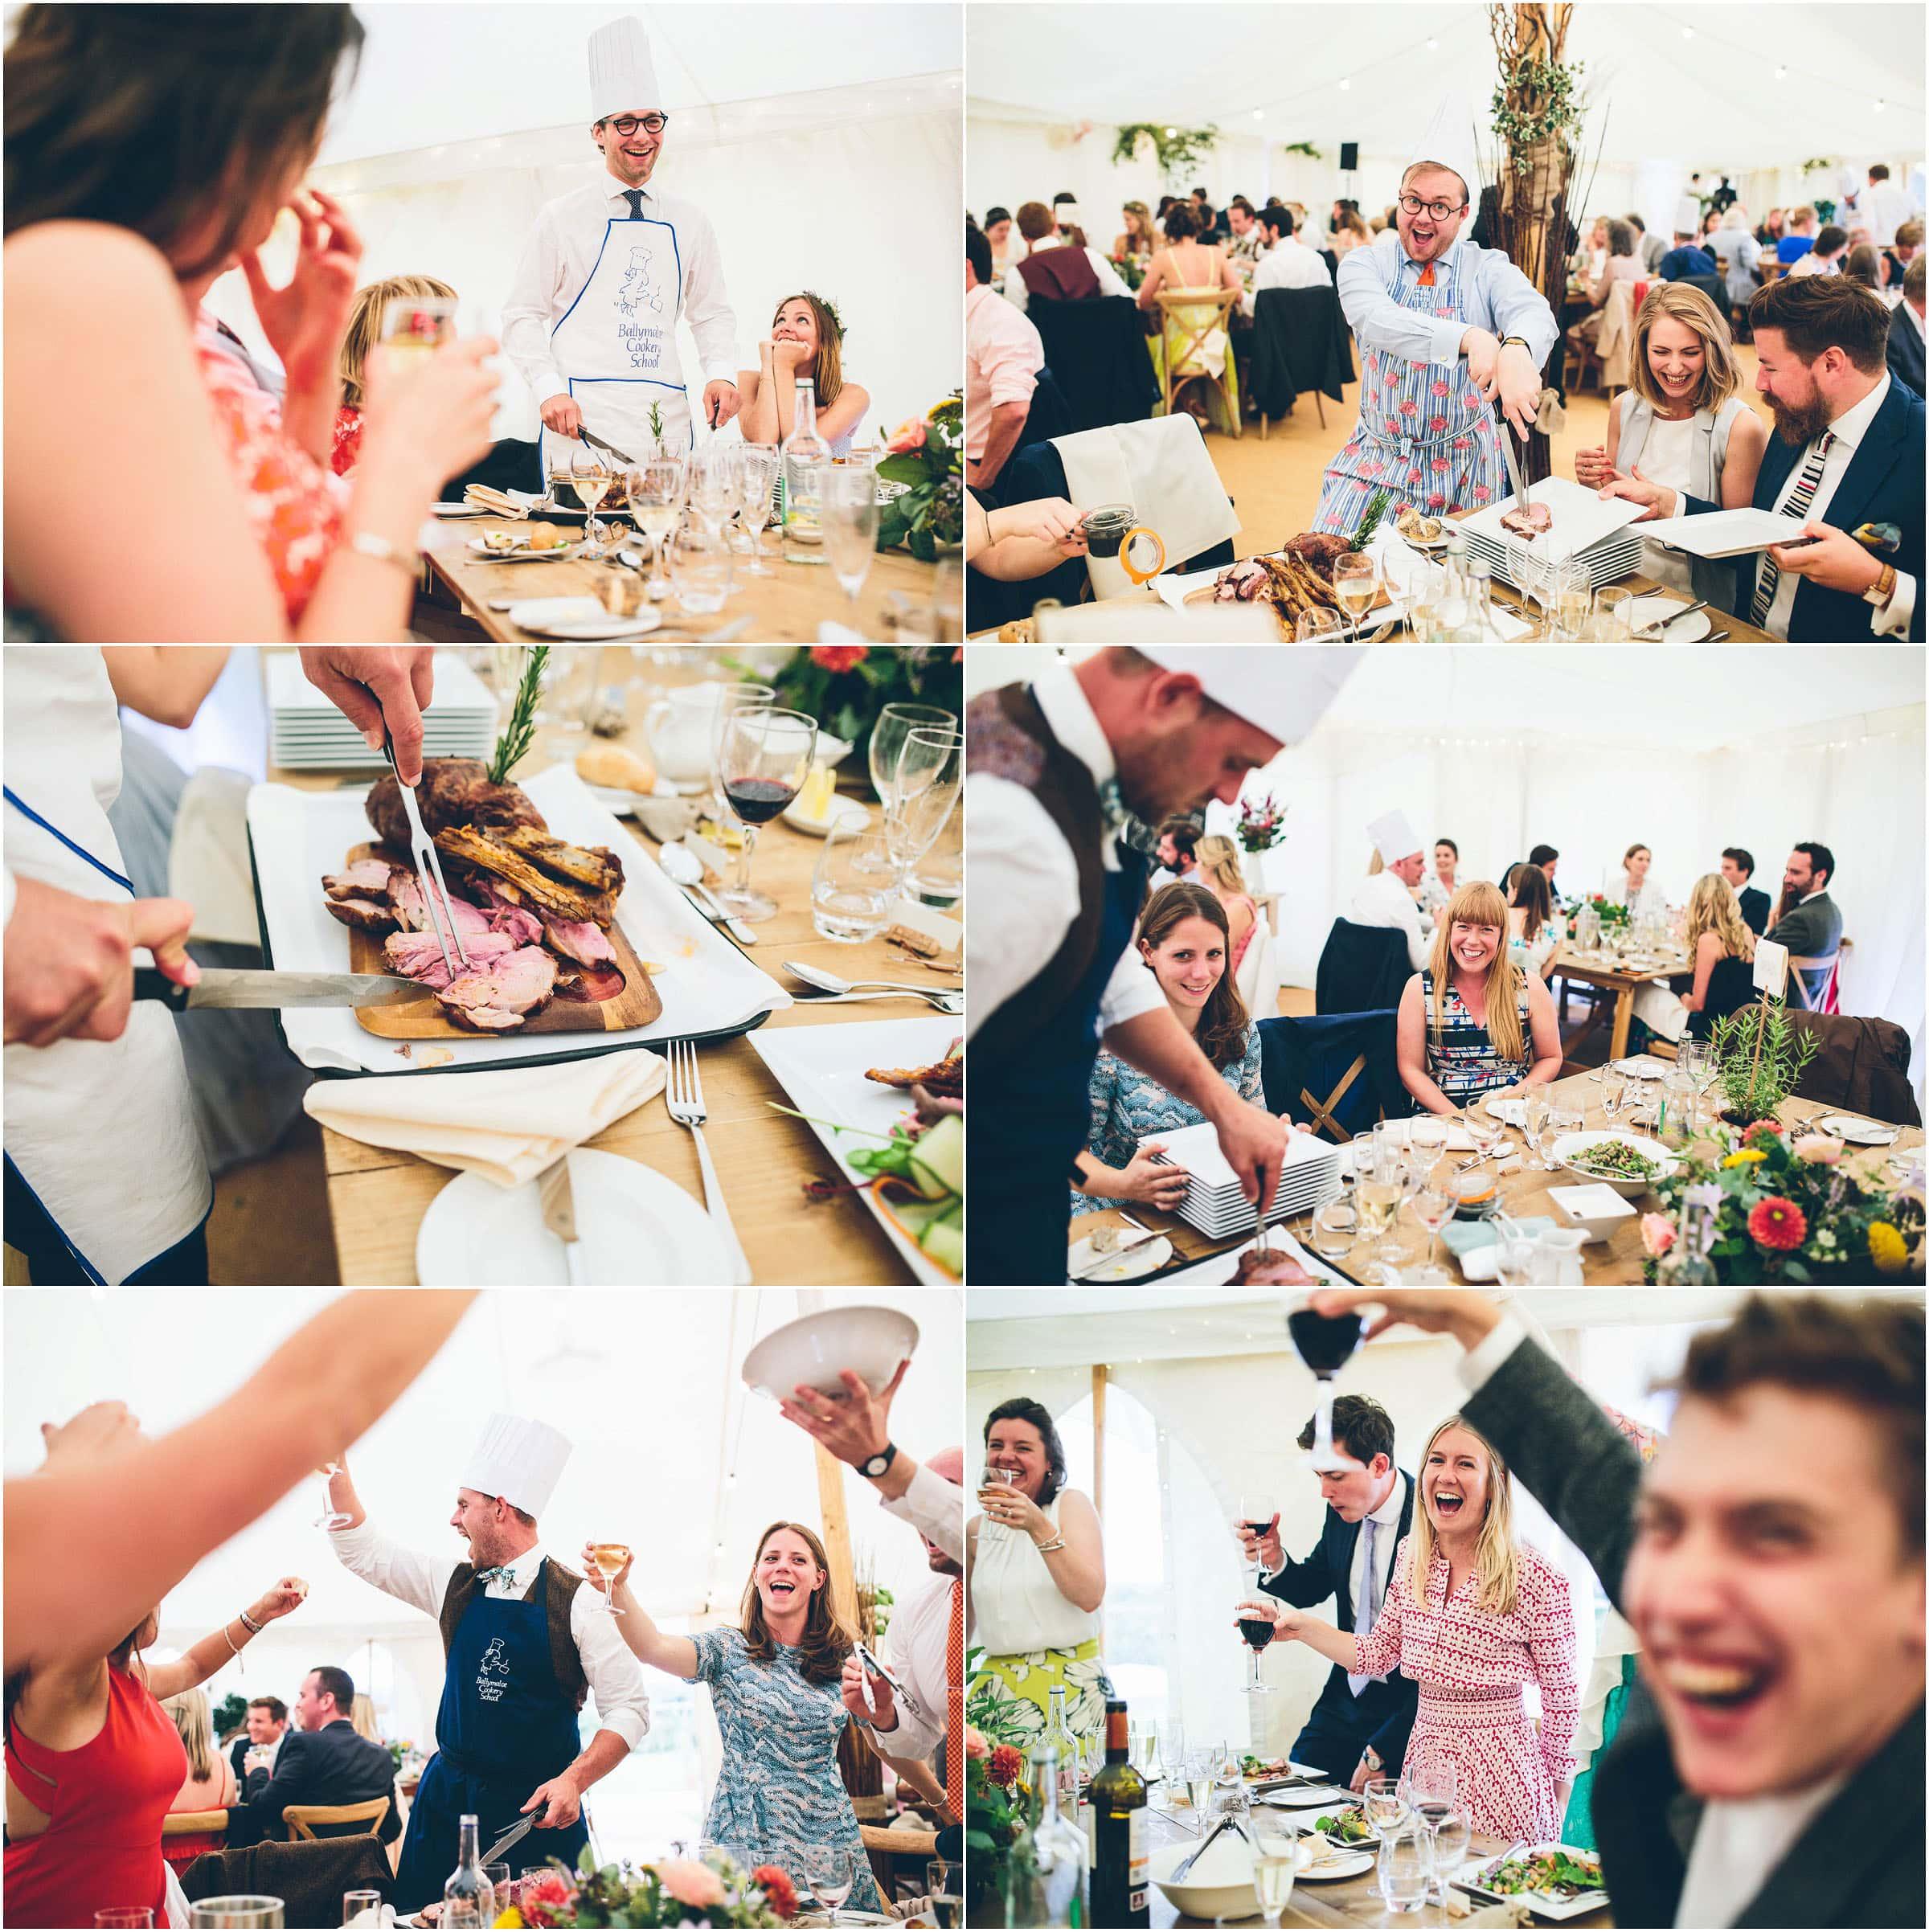 Harthill_Weddings_Wedding_Photography_0110